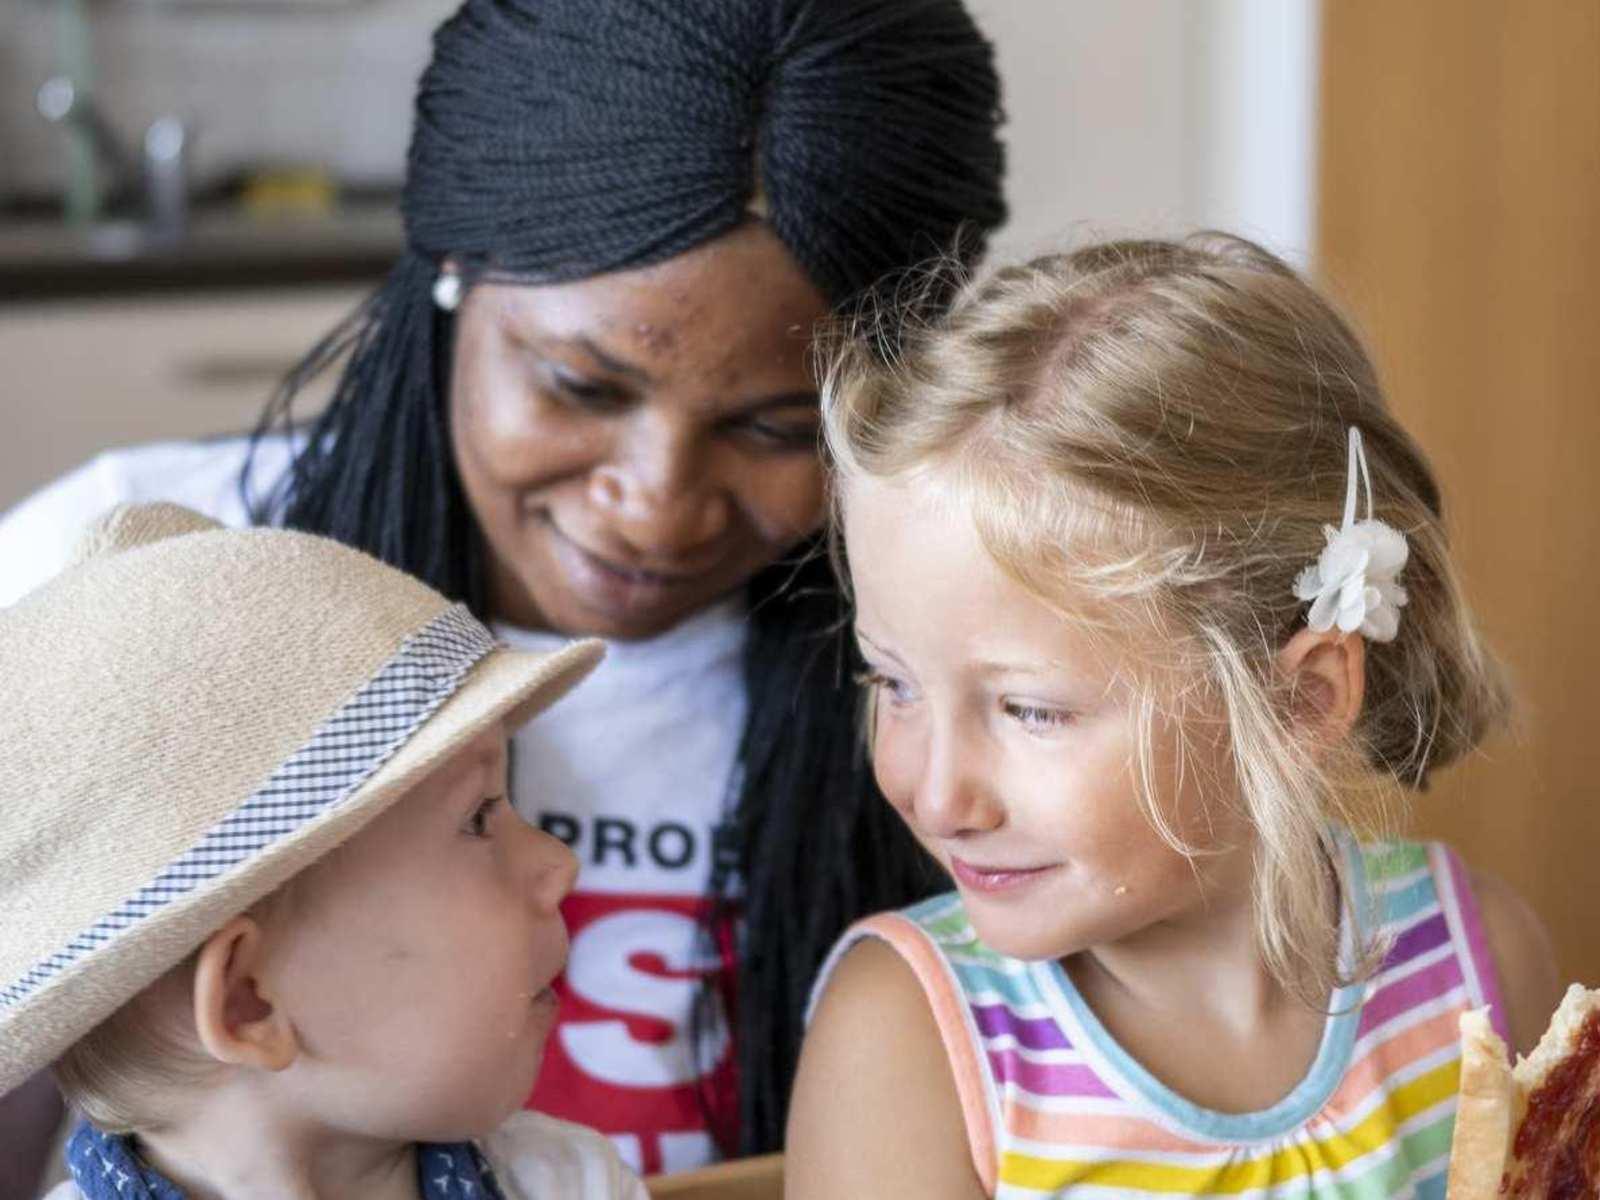 Eine Frau, ein kleiner junge und ein Mädchen sitzen am Tisch und lächeln sich an.